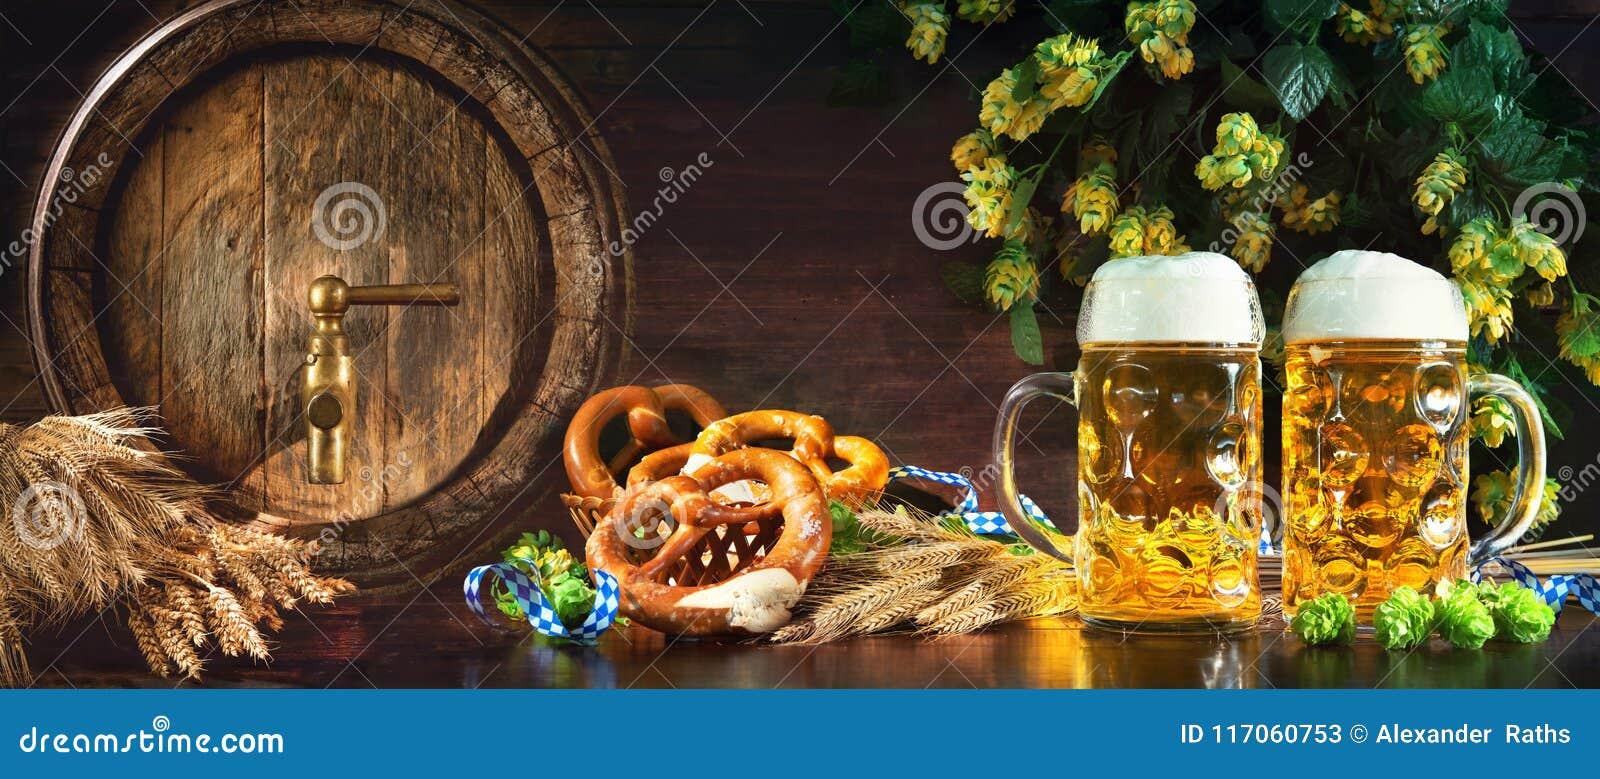 Oktoberfest-Bierfaß und Biergläser mit weichen Brezeln, whe